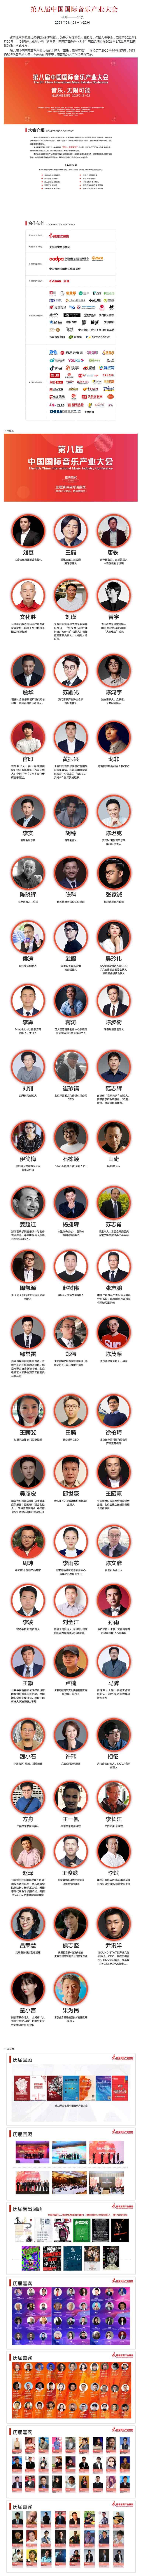 第八届中国国际音乐产业大会-预约报名-北京无限星空音乐有限公司活动-活动行.jpg